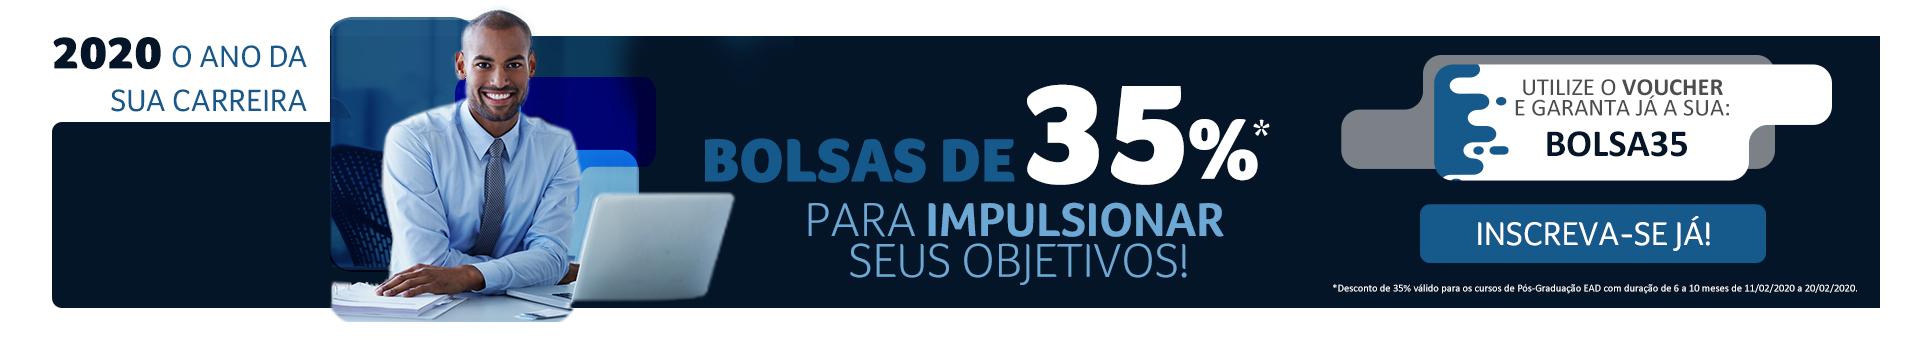 Bolsa 35